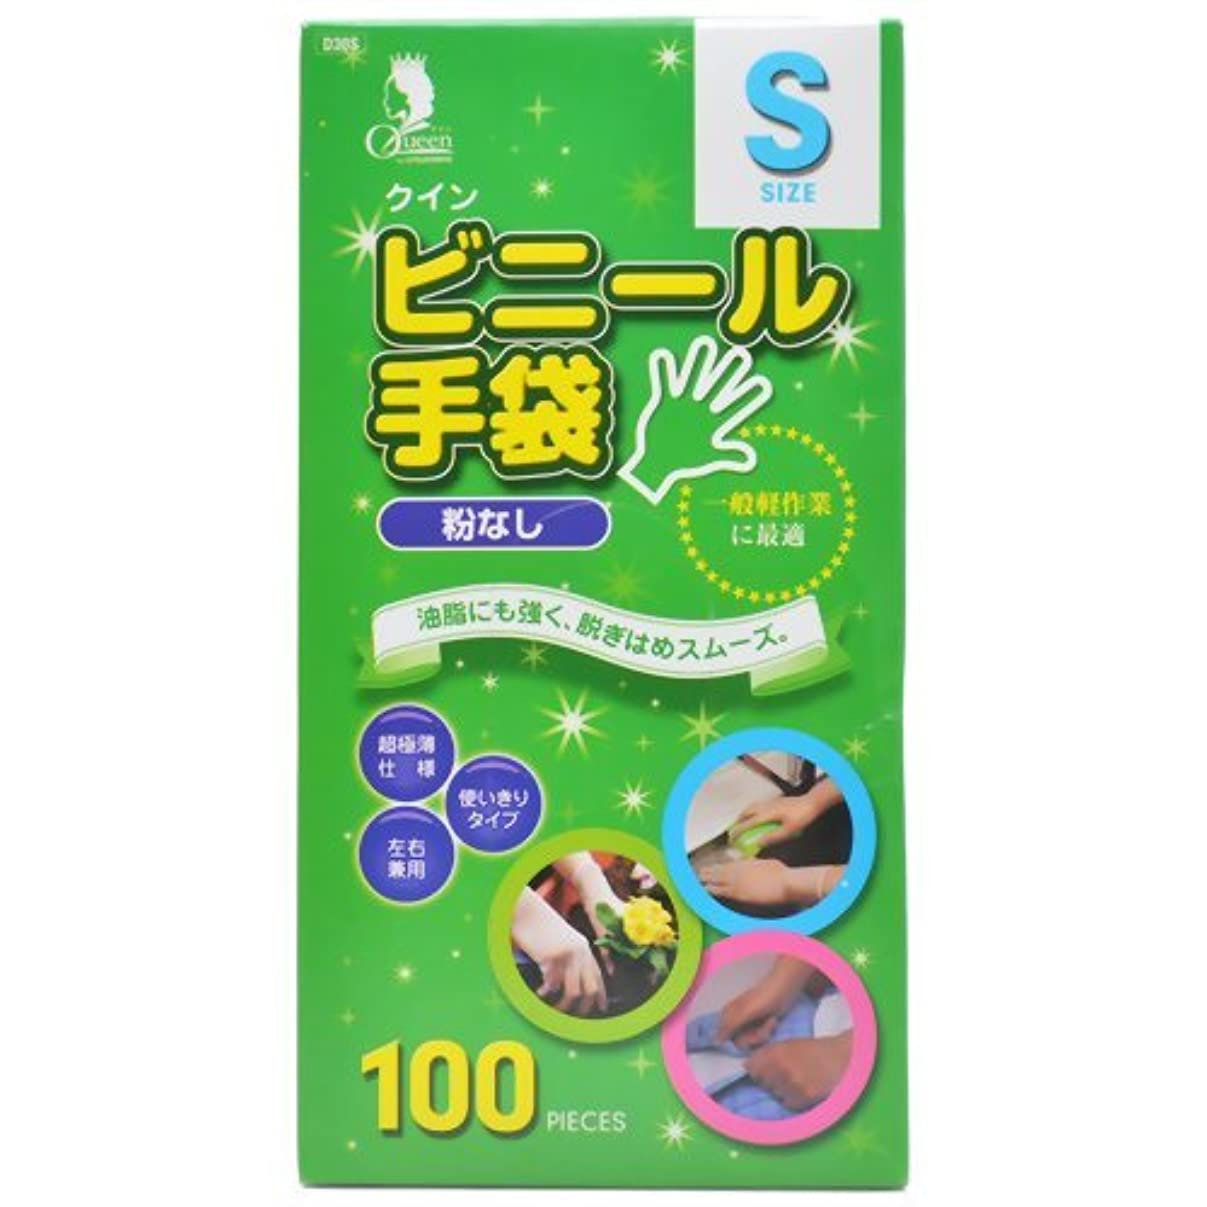 コンサルタントライオンピービッシュクイン ビニール手袋(パウダーフリー) S100枚